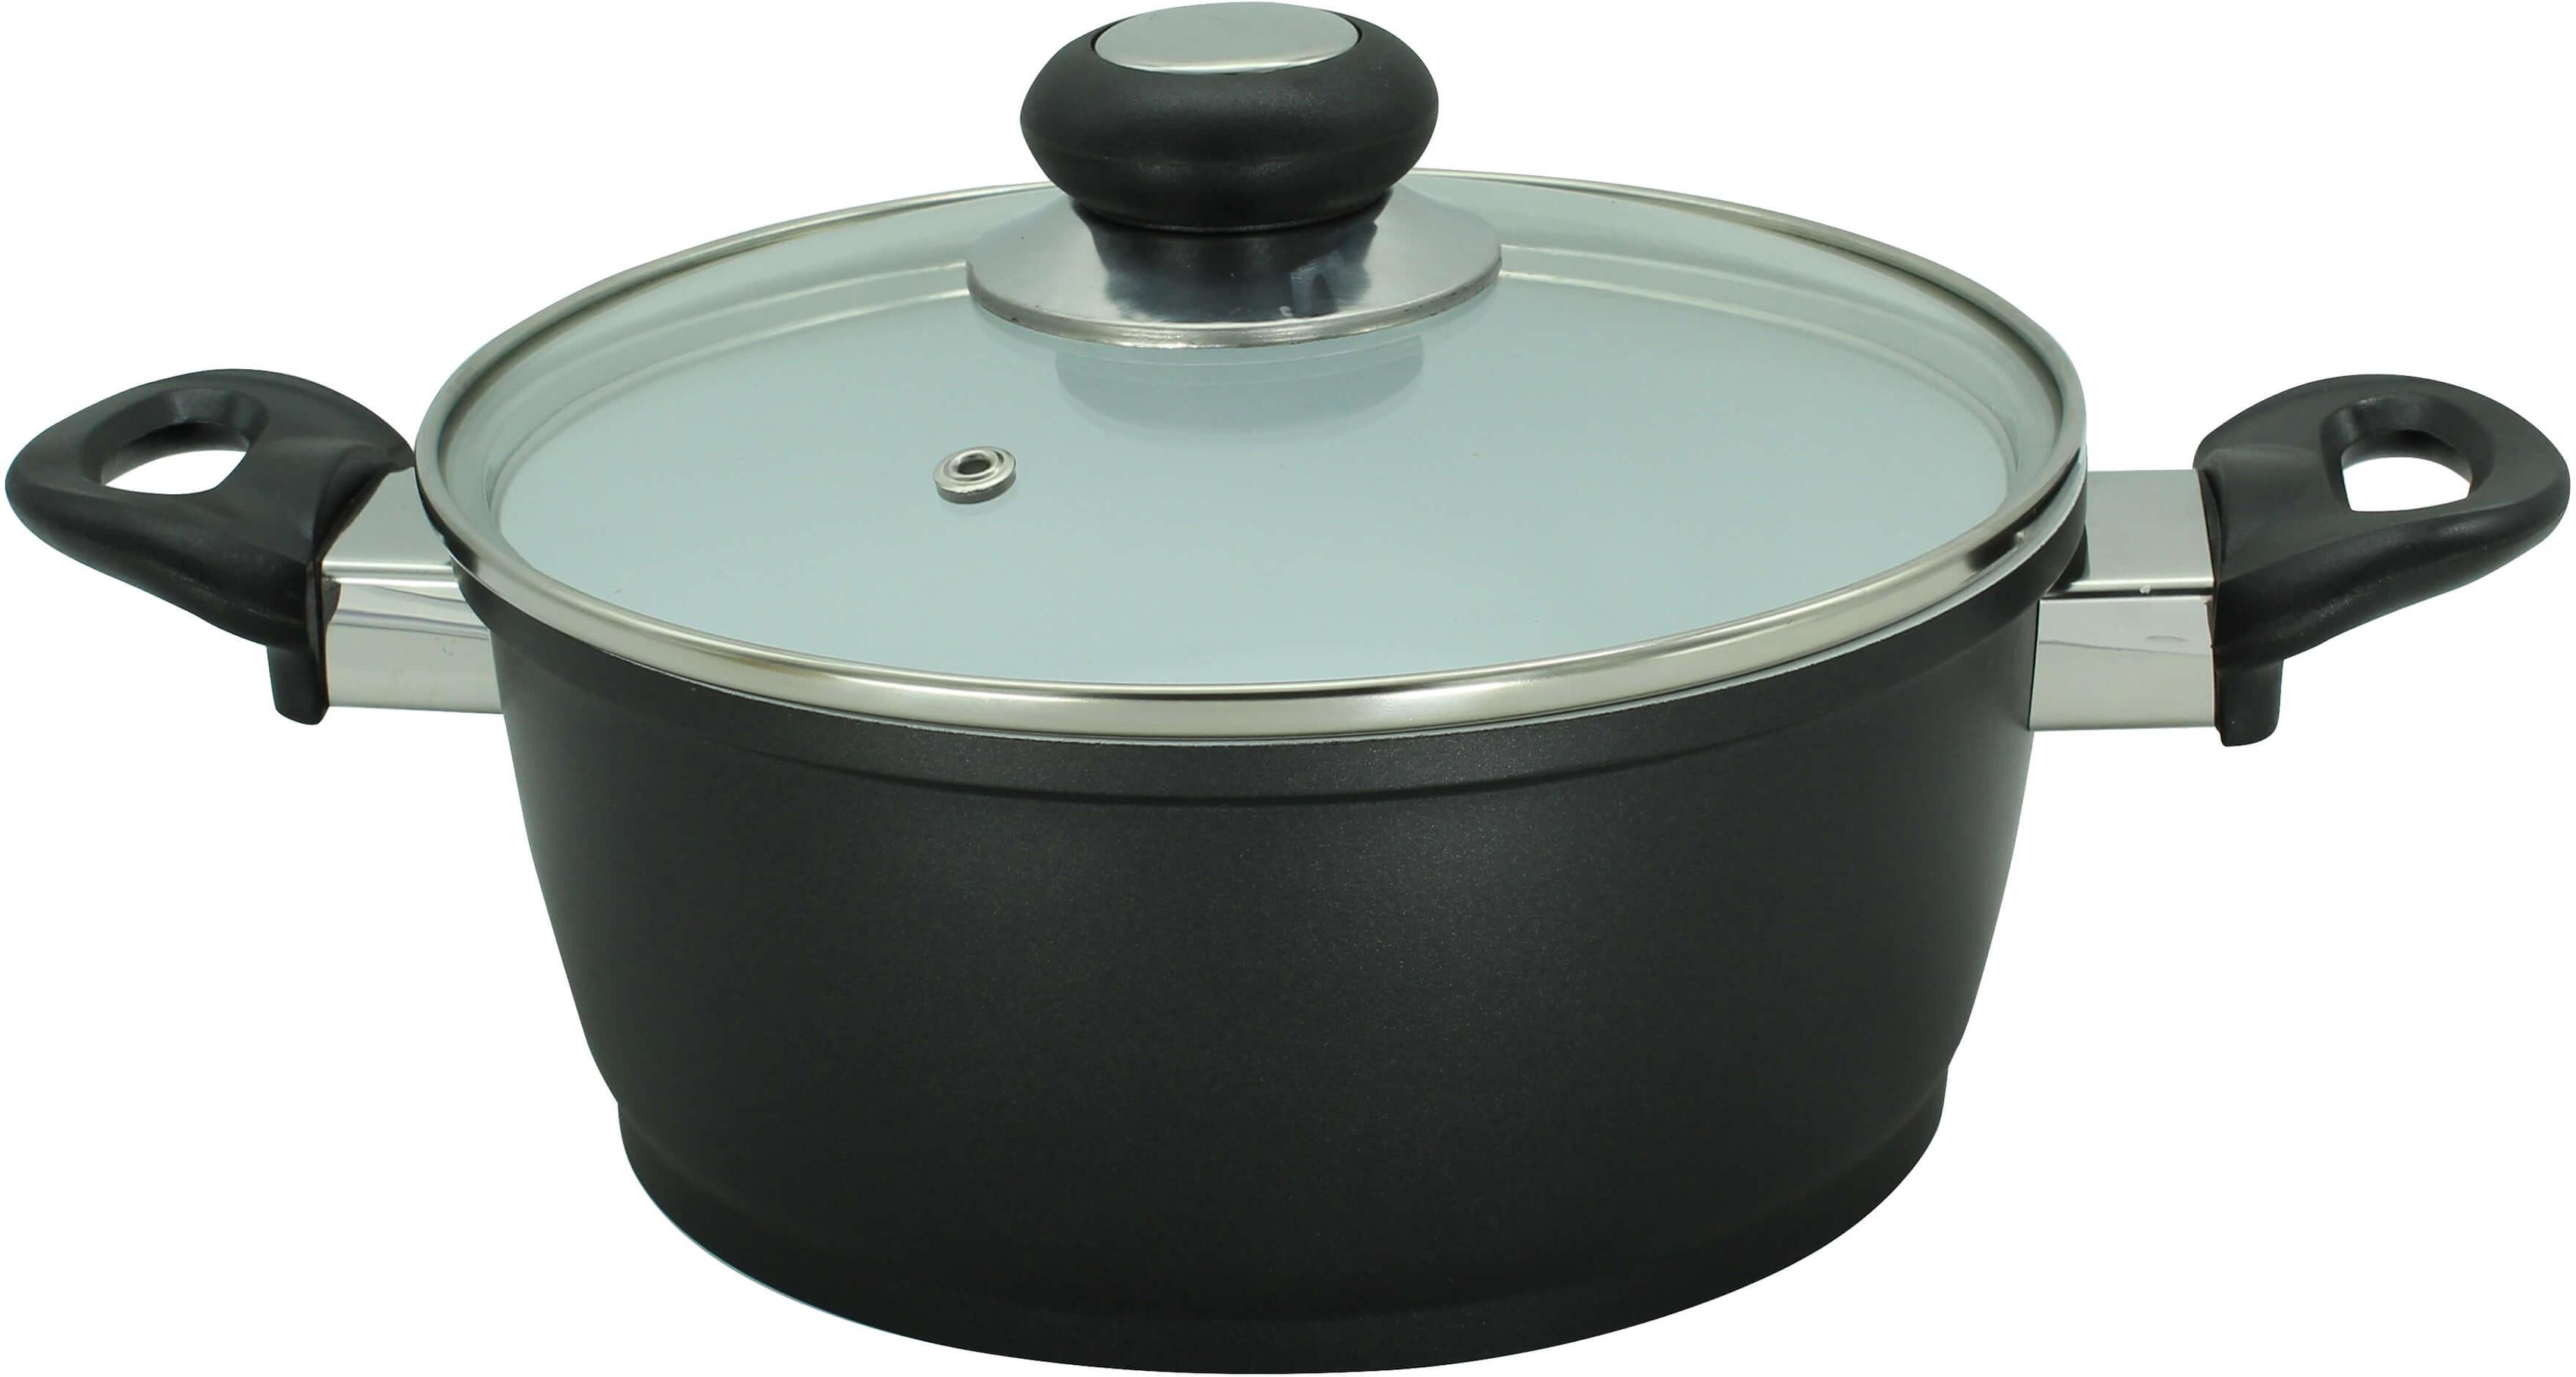 Krüger Fleischtopf Oslo, Aluminiumguss, (1 tlg.), Greblon Creamic Beschichtung schwarz Fleischtöpfe Töpfe Haushaltswaren